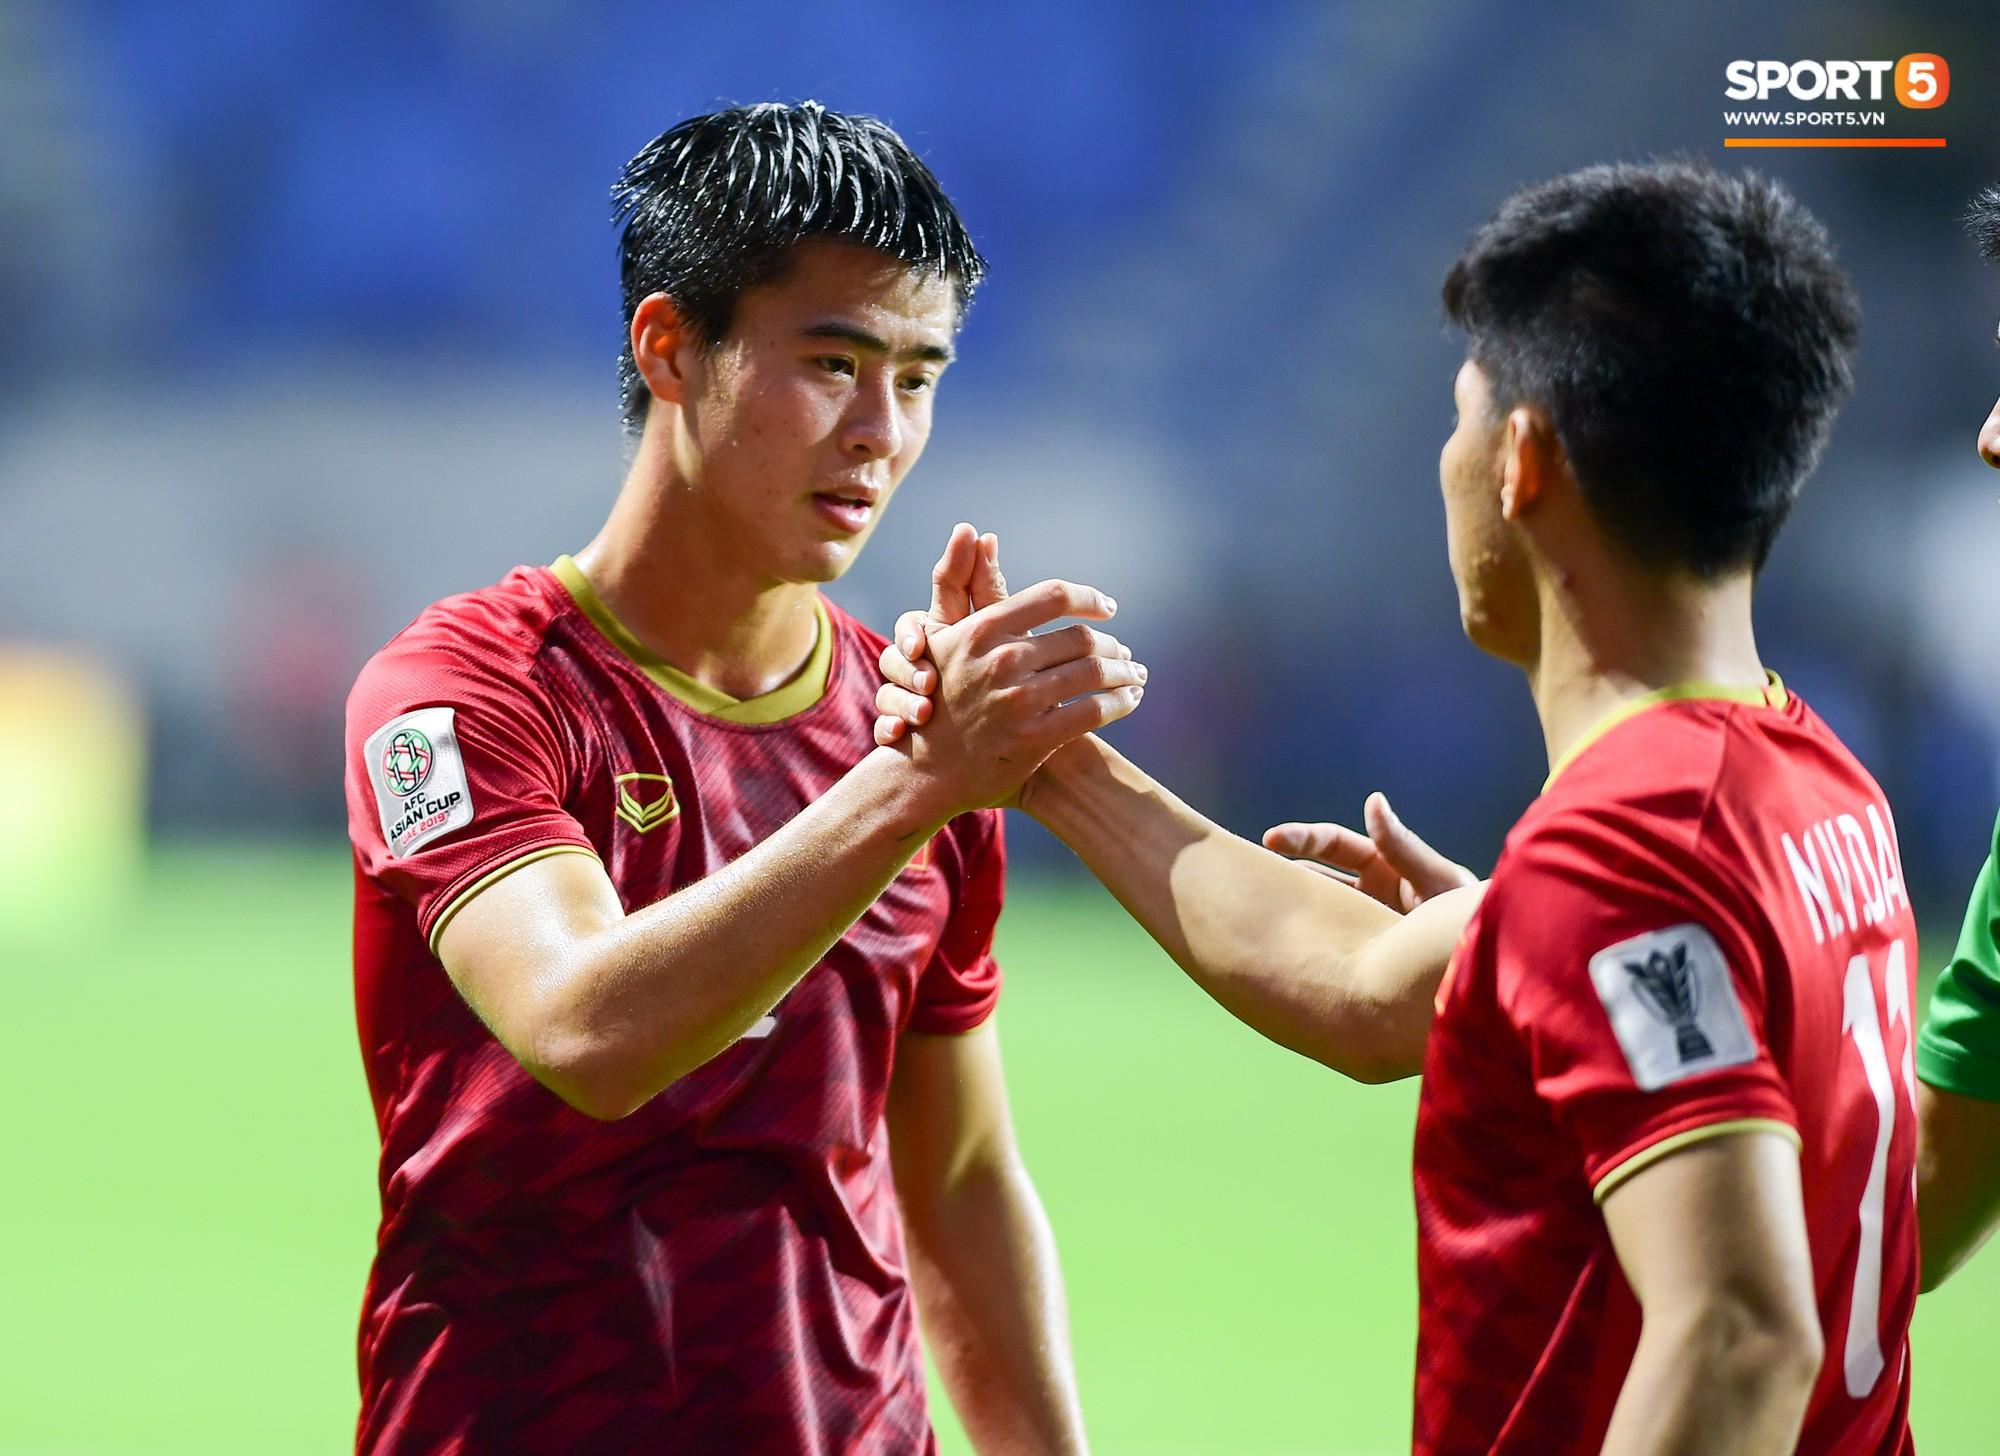 Tiếng còi kết thúc trận đấu vang lên cũng là lúc các tuyển thủ Việt Nam trút tiếng thở dài. Họ đã cố gắng hết sức nhưng không thể lật ngược tình thế, đành chịu thua Nhật Bản với tỷ số 0-1 chung cuộc.